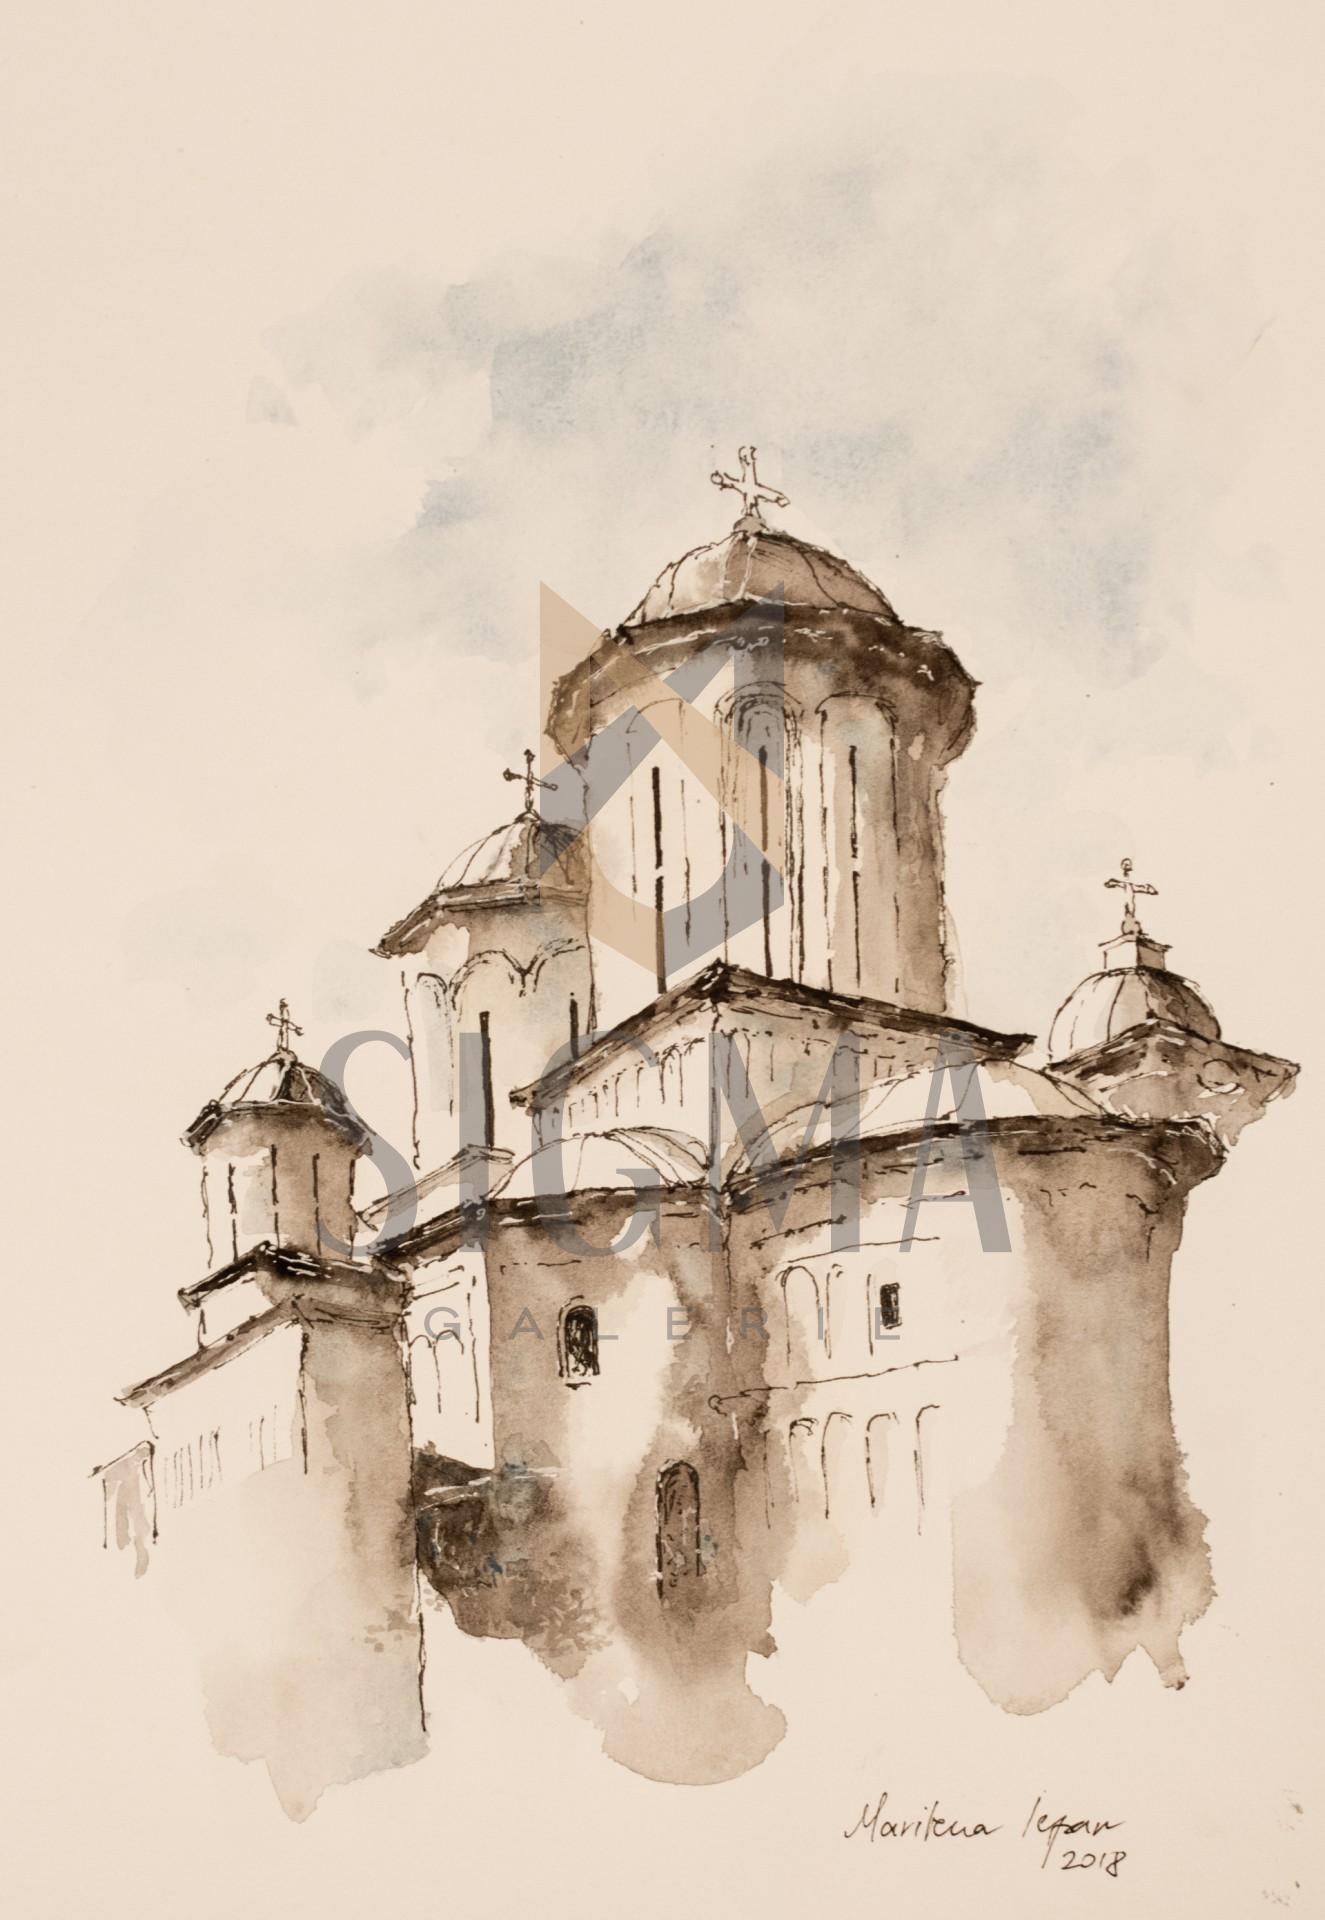 Tablou, Marilena Iepan, - Manastirea Radu Voda - acuarela si tus, 28x38 cm